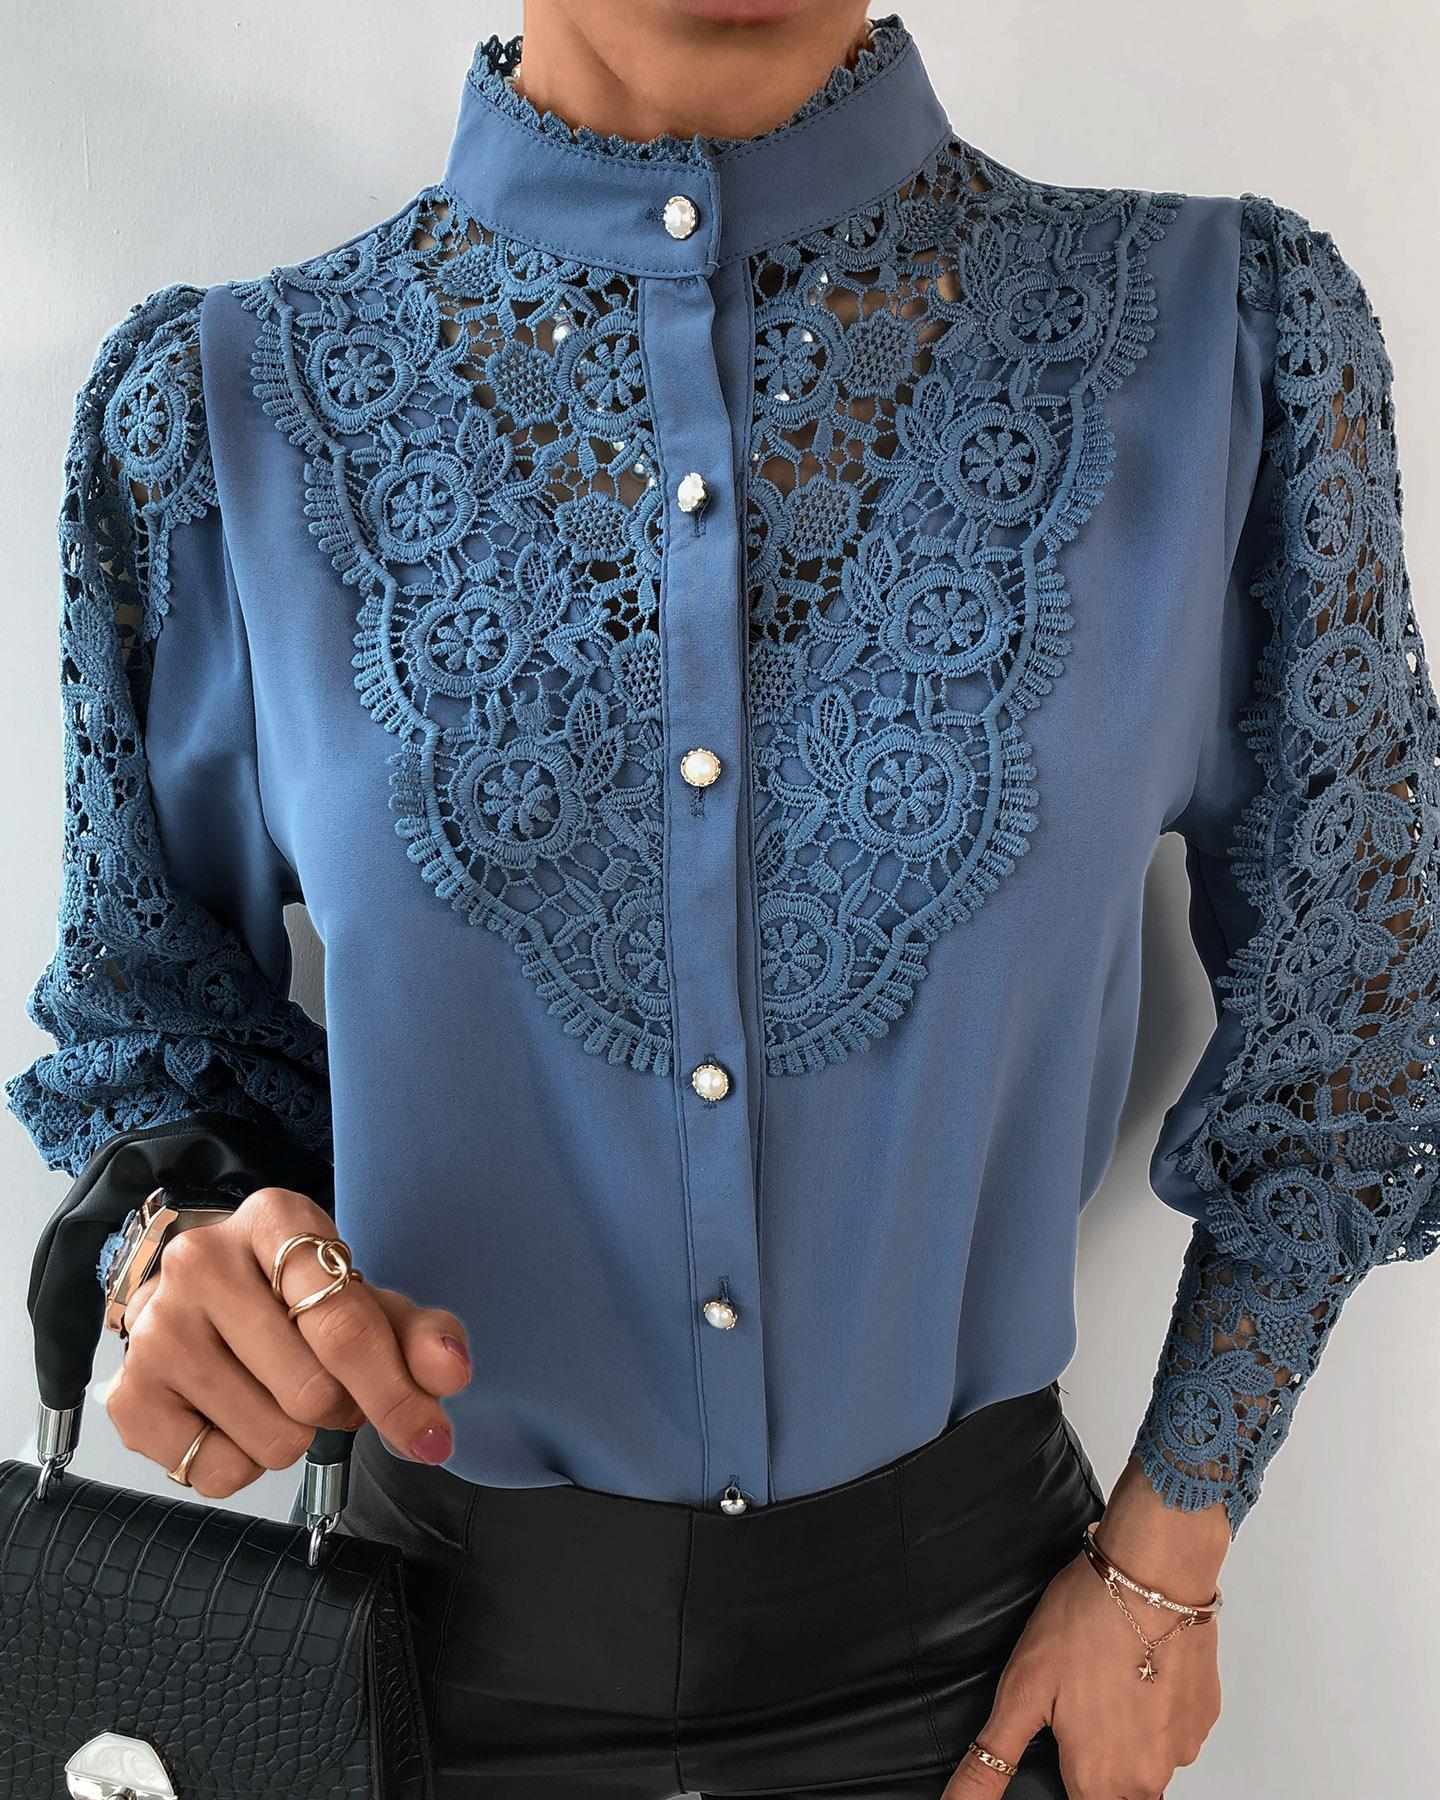 ivrose / Blusa de manga farol con diseño de botones de encaje de guipur